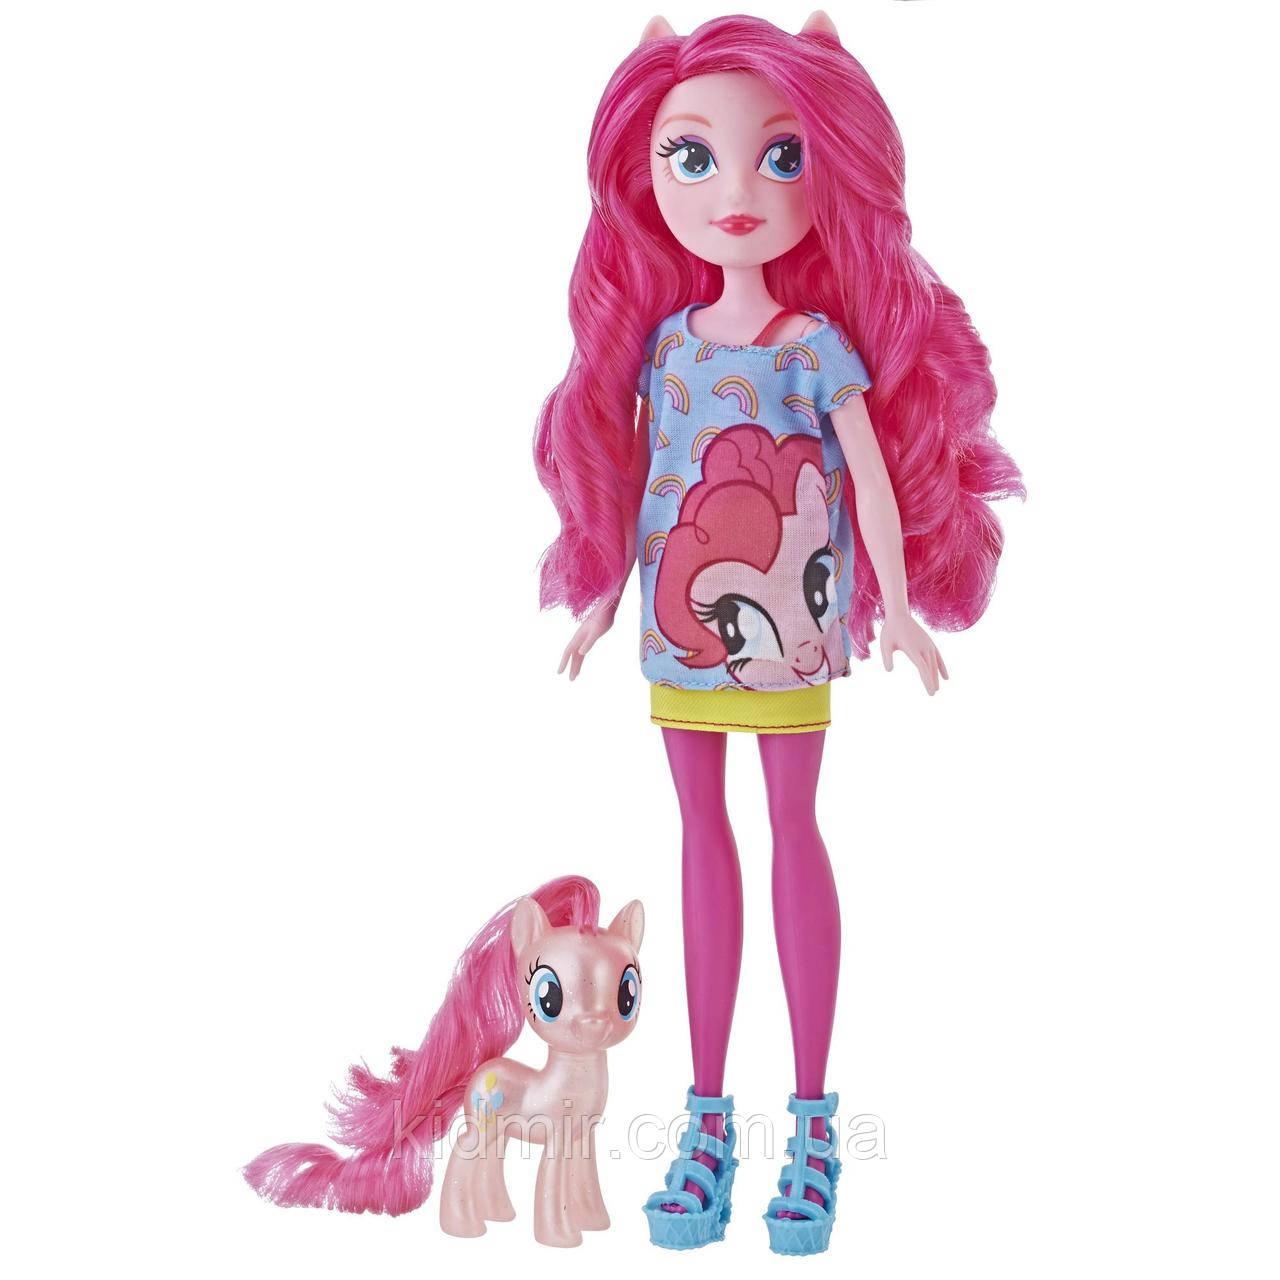 Лялька і Поні Пінкі Пай Эквестрии Hasbro My Little Pony E5659